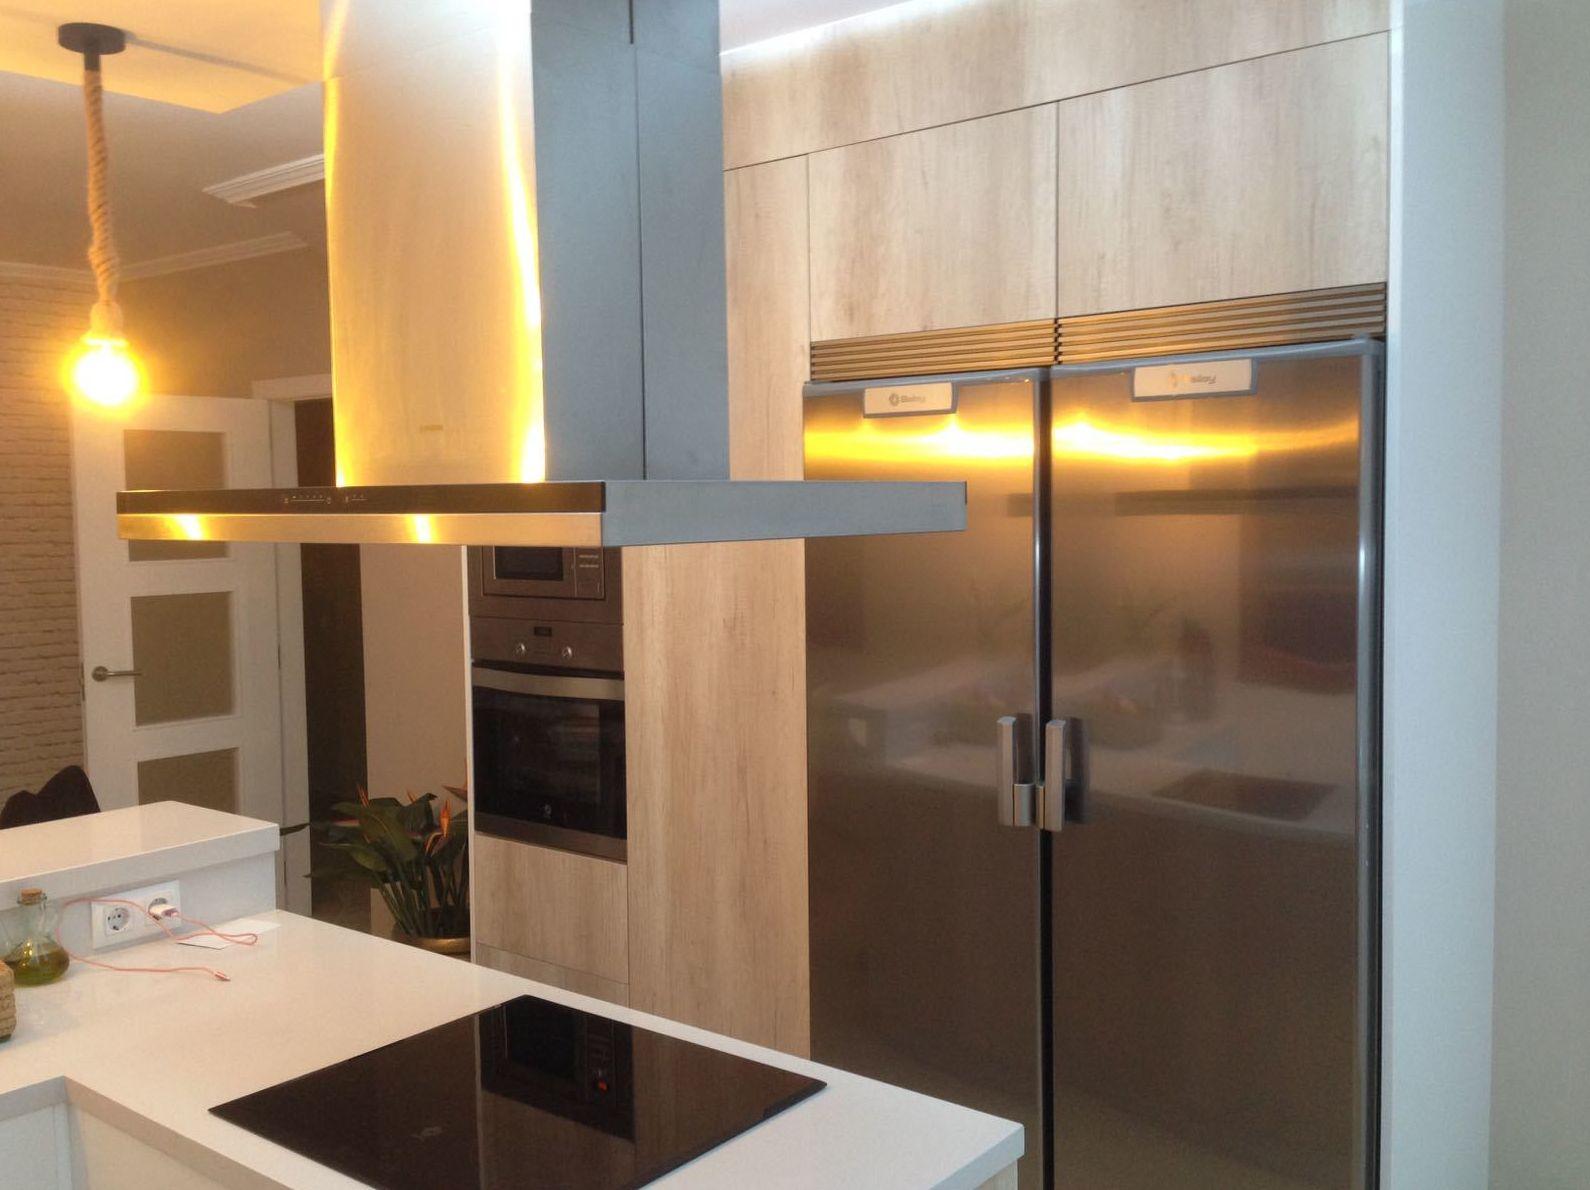 Cocinas Modernas Madrid.Foto 59 De Muebles De Cocina Y Bano En Cocinas Callejo